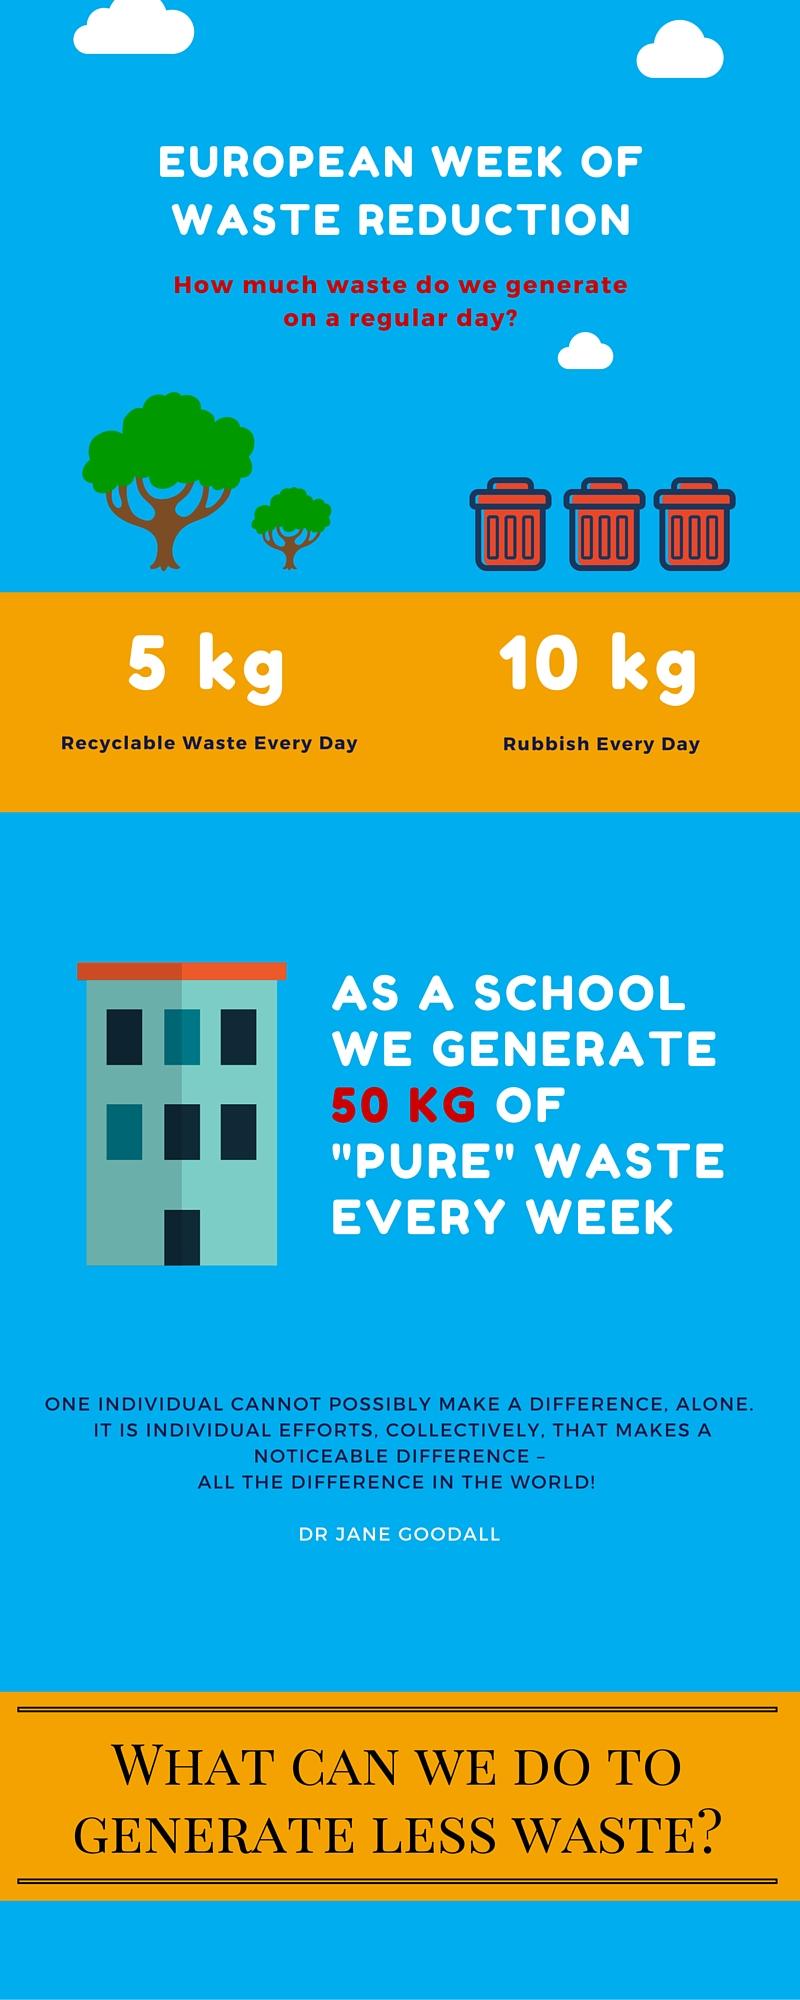 European week of Waste Reduction (1)